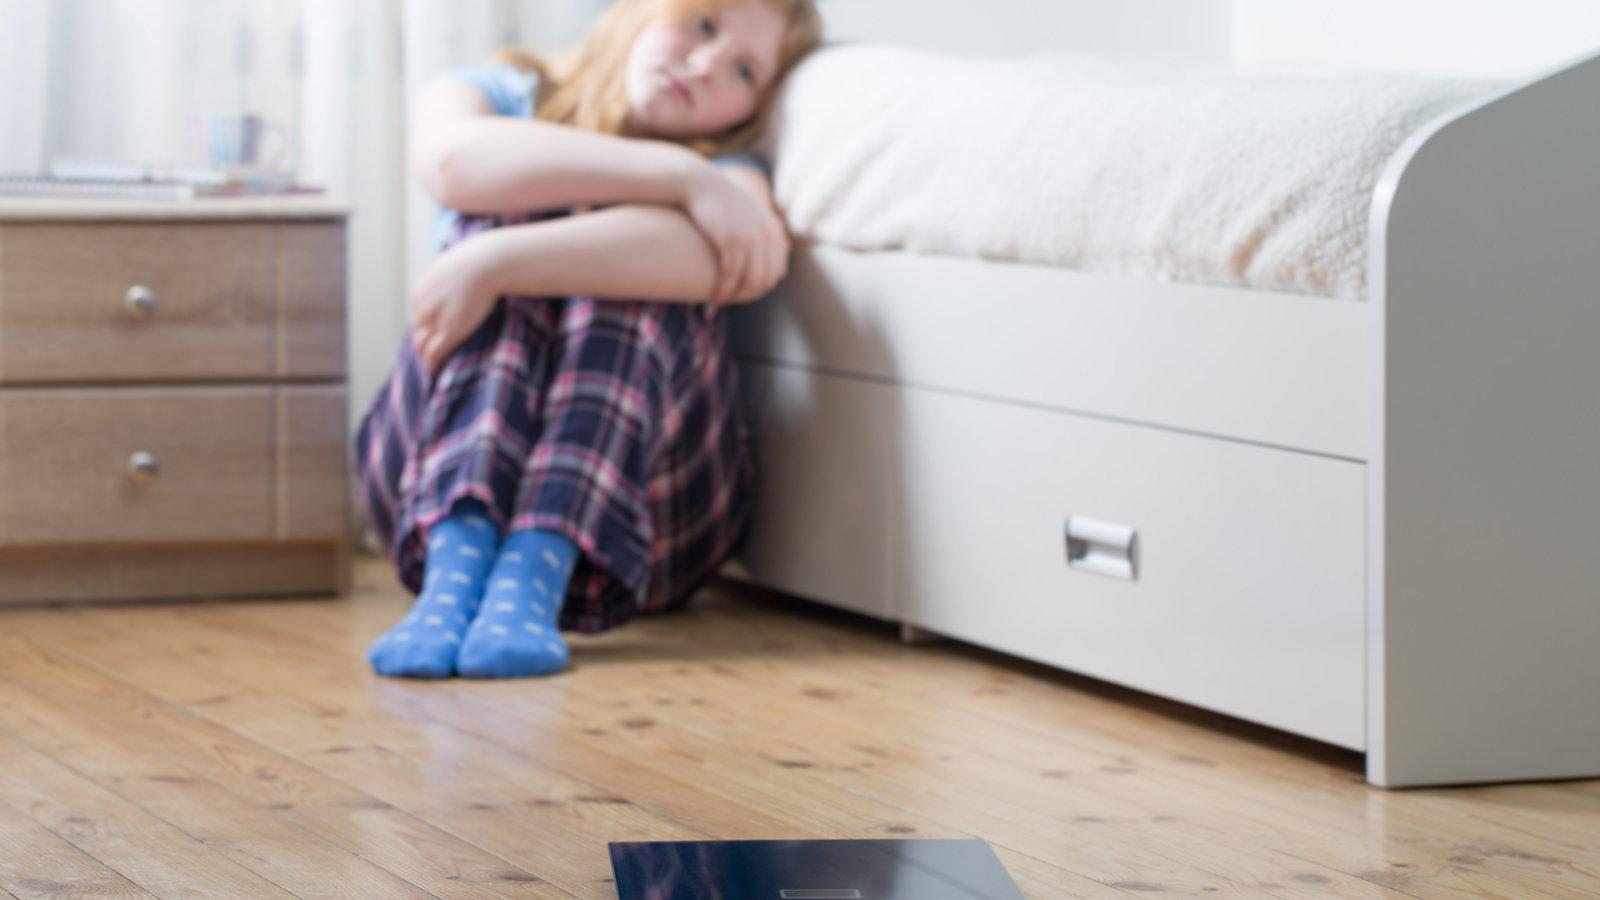 depressed teen in bedroom